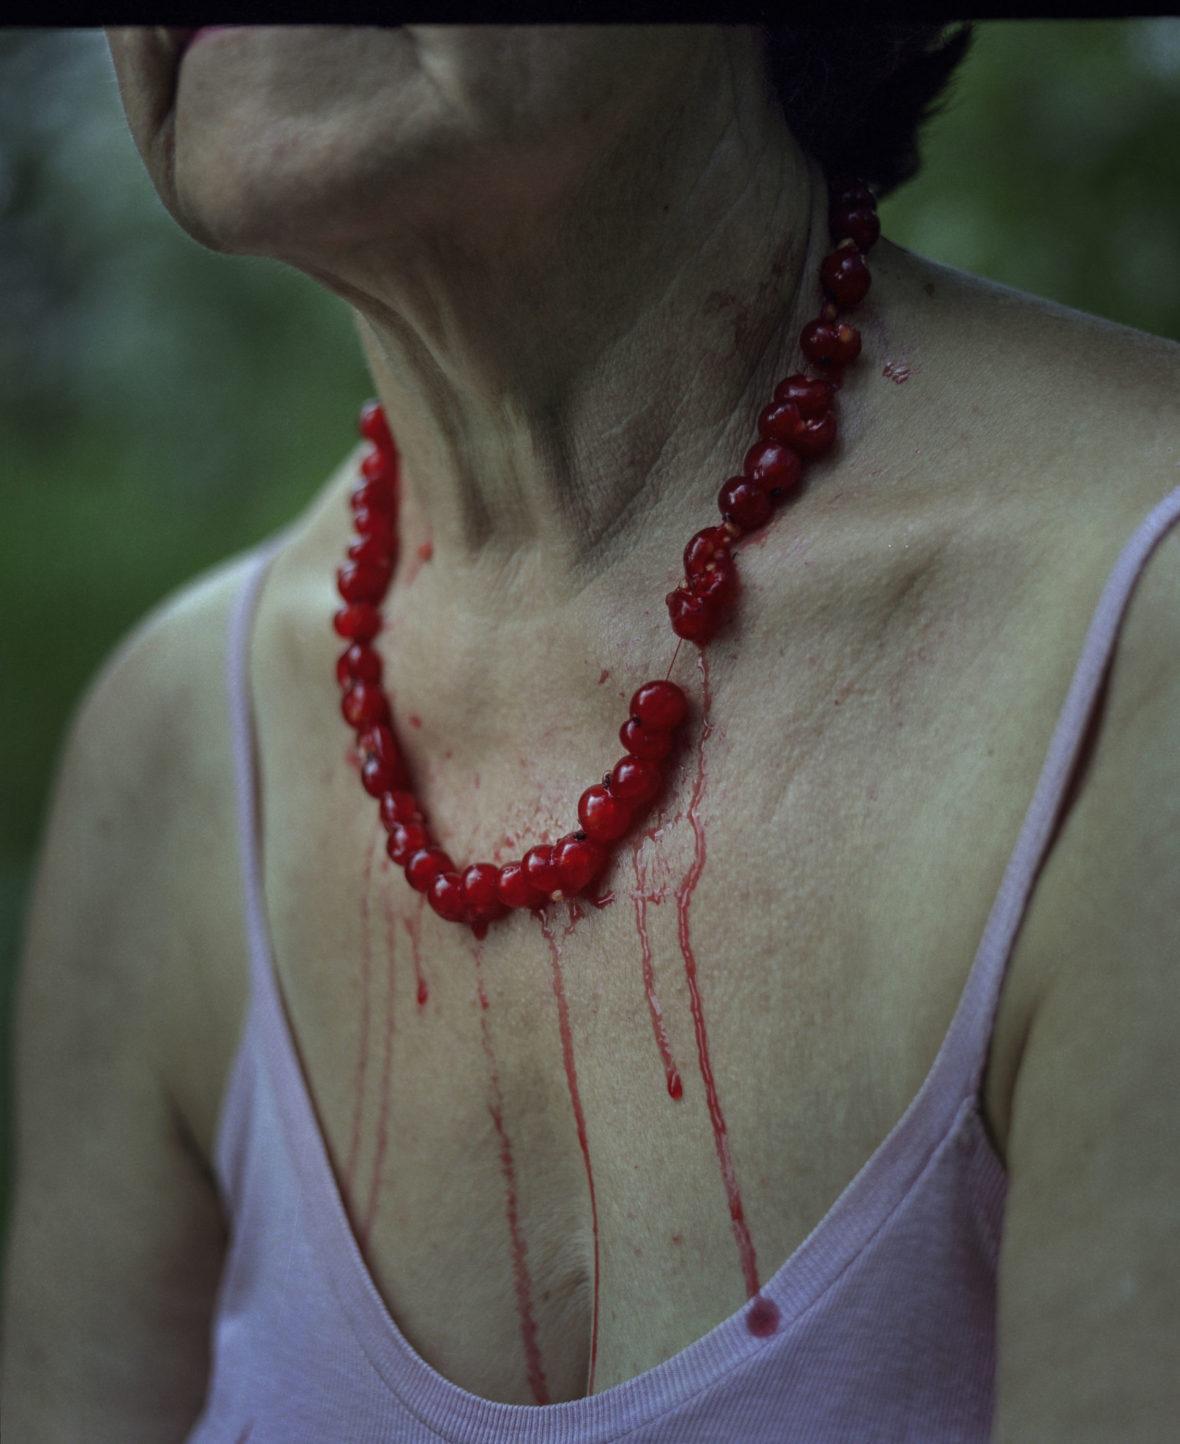 Punaherukkahelmet, 2000 / Red currants, 2000